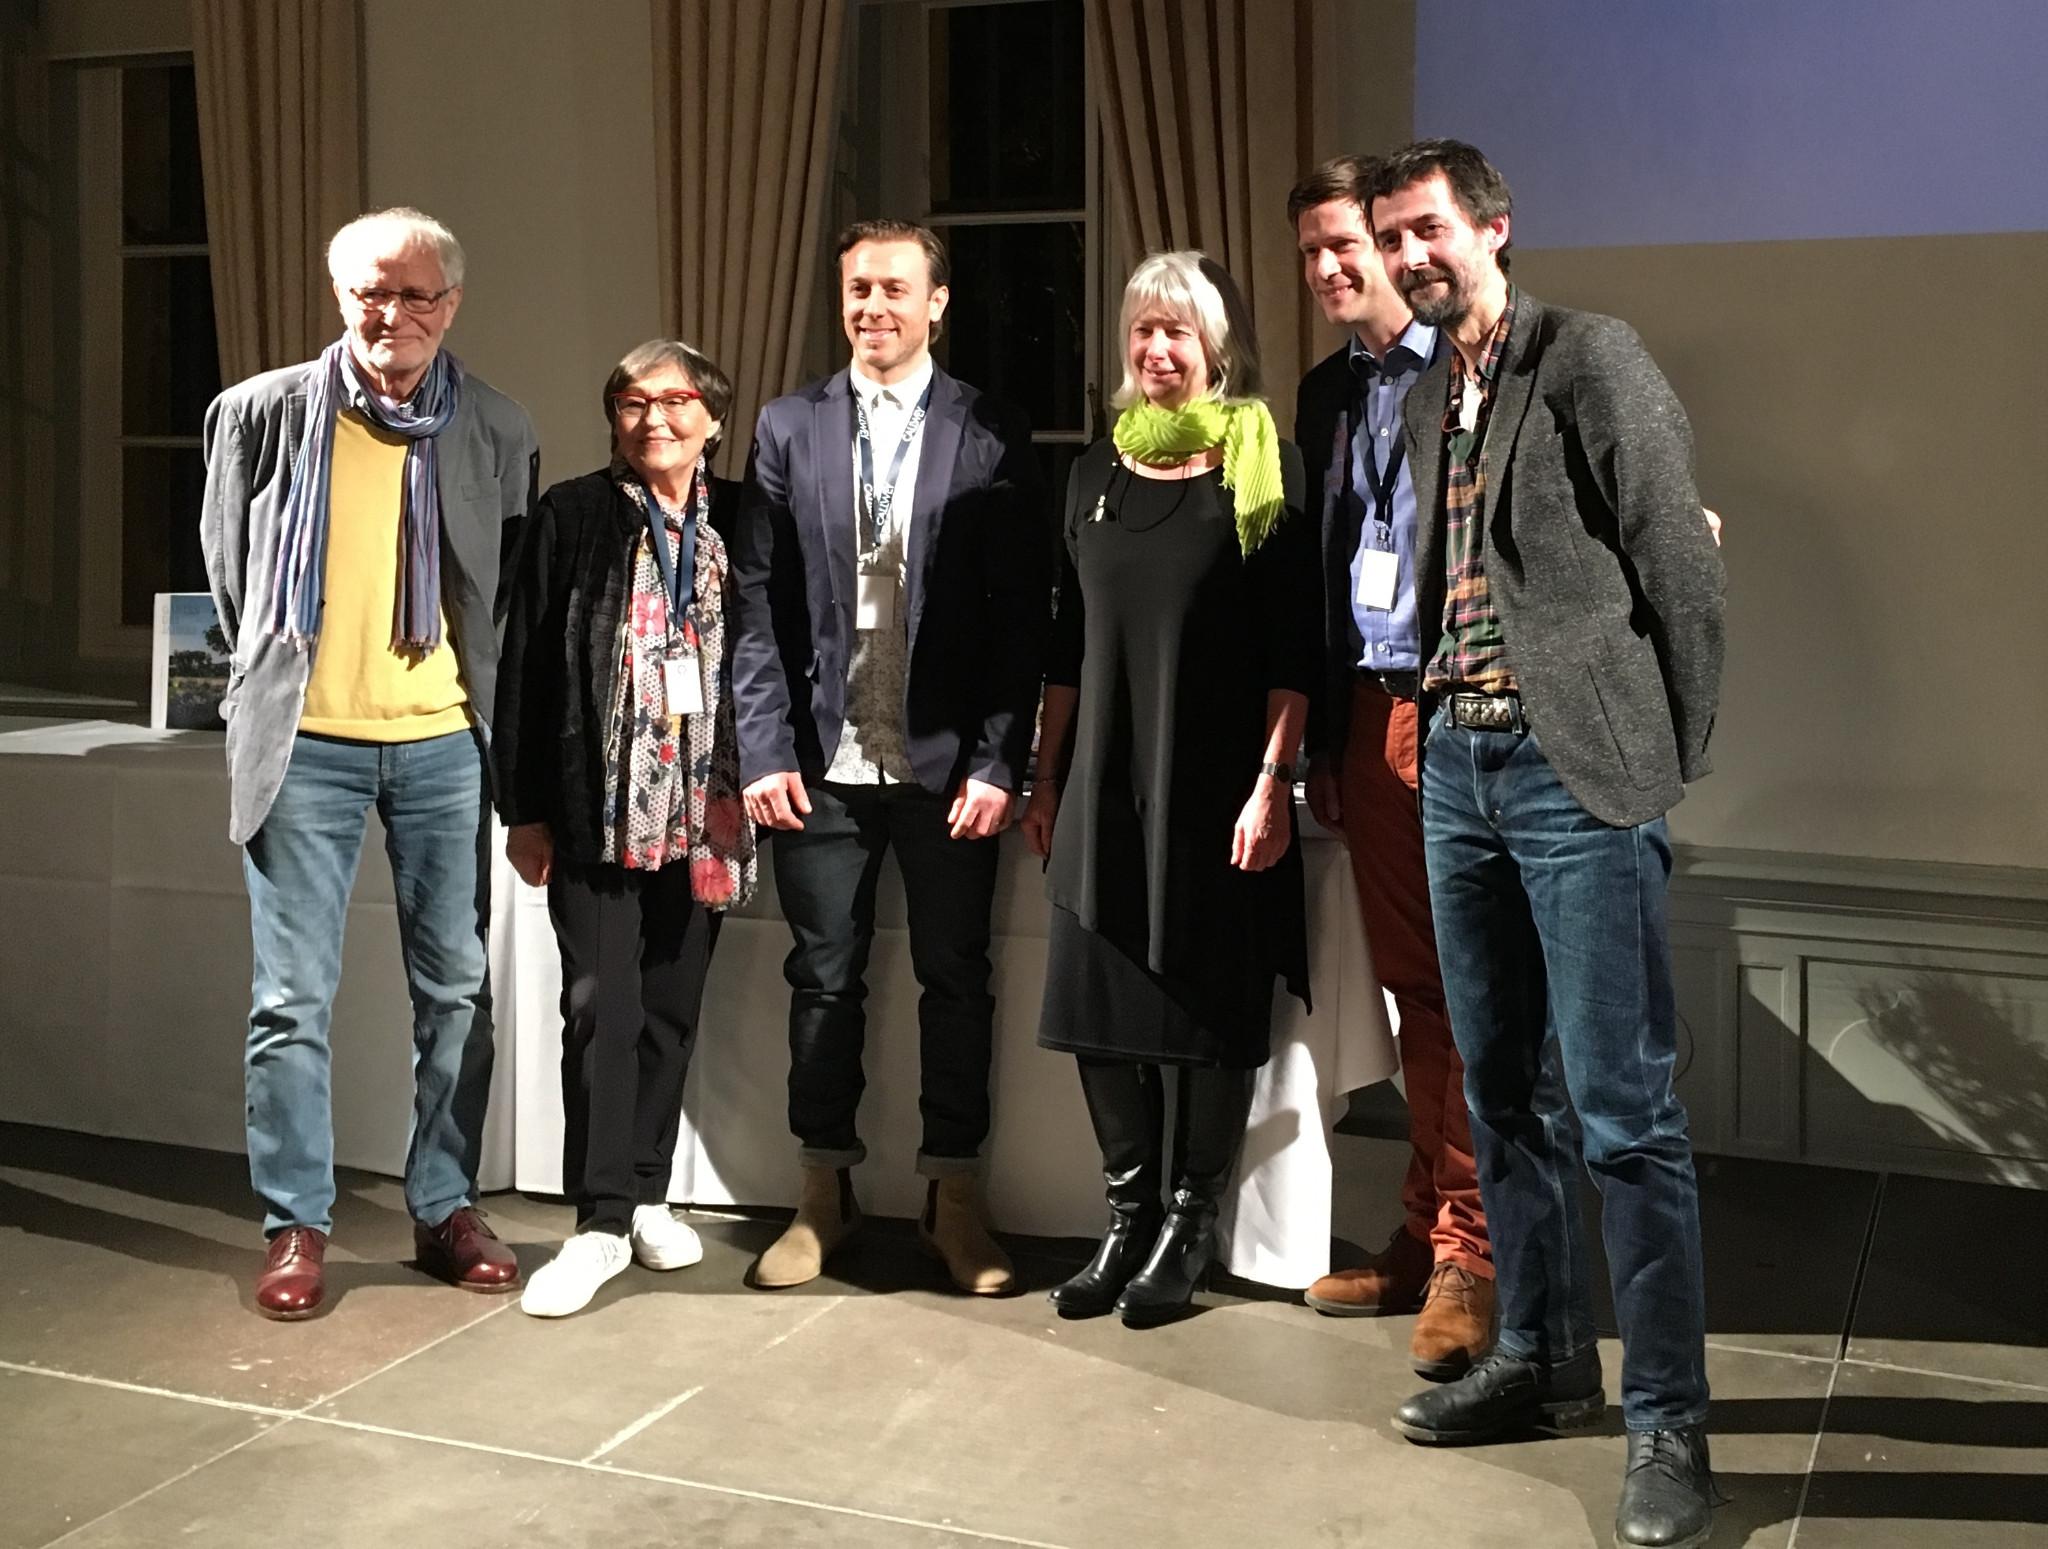 Applaus für die Preisträger Volker und Helgard Püschel und die Ausgezeichneten Simon Rügg, Brigitte Röde, Matthias Forster und James Fox (v.l.n.r.). Foto: Petra Baum